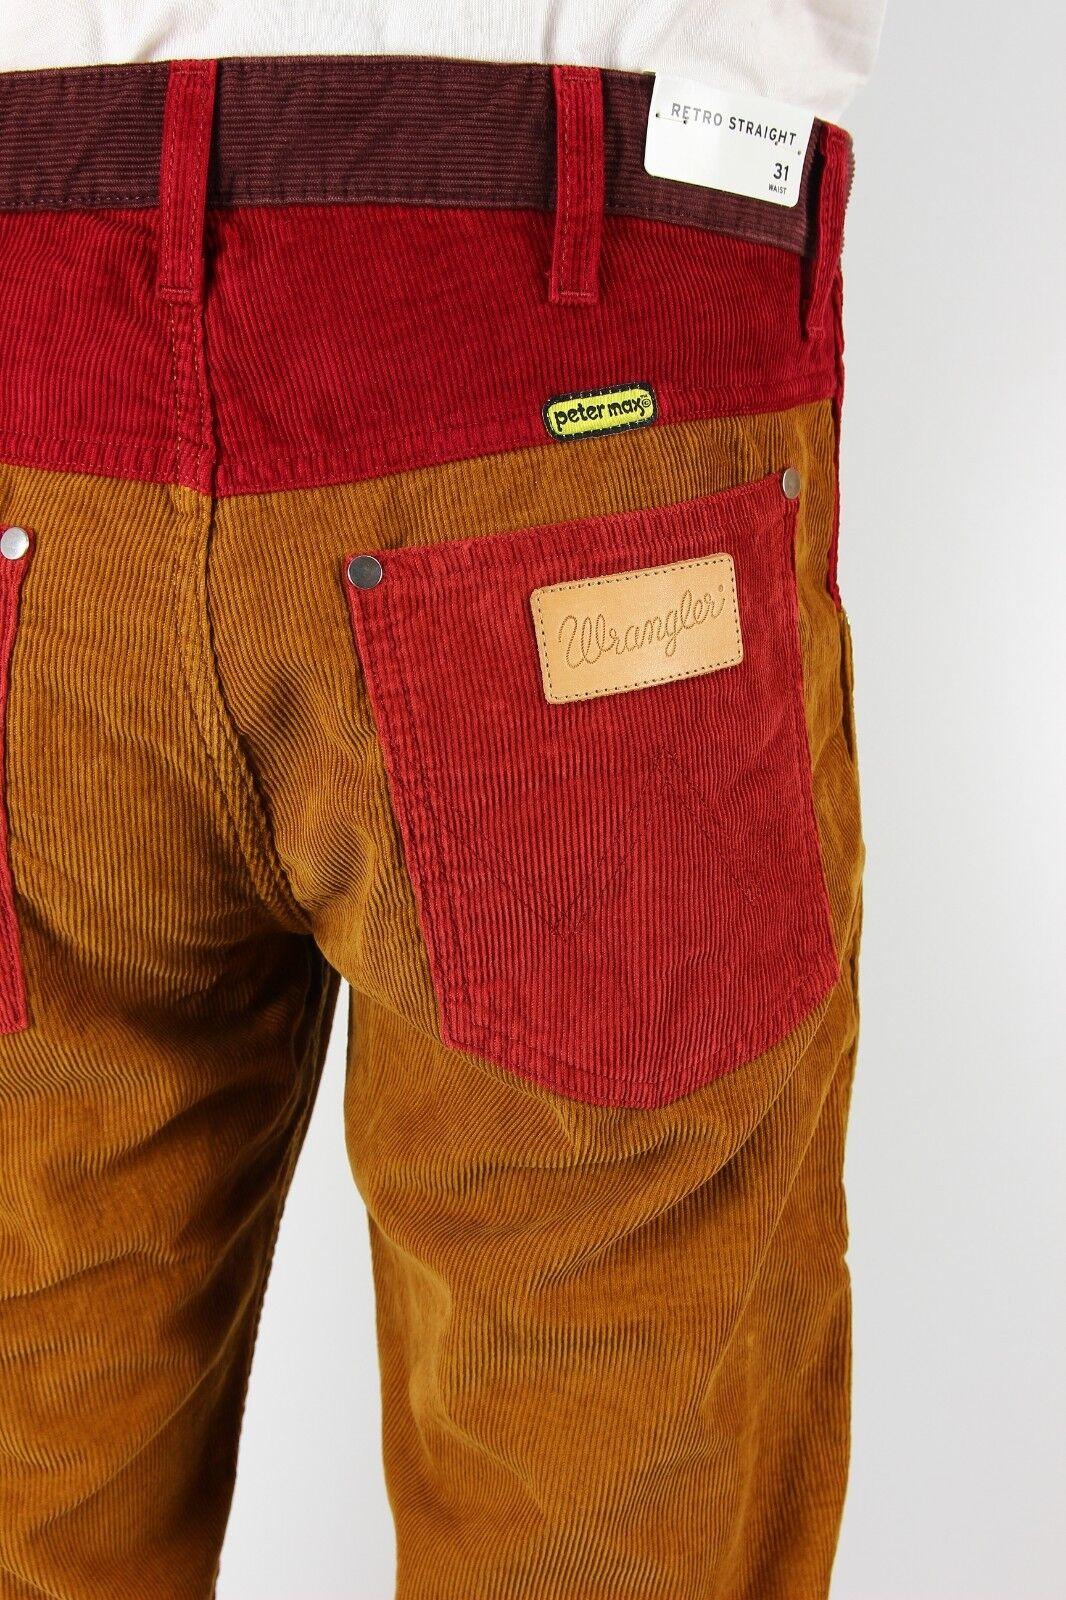 Nuovo Wrangler di Peter Max Rétro Jeans Dritto Fili per verdesboro L32 L34